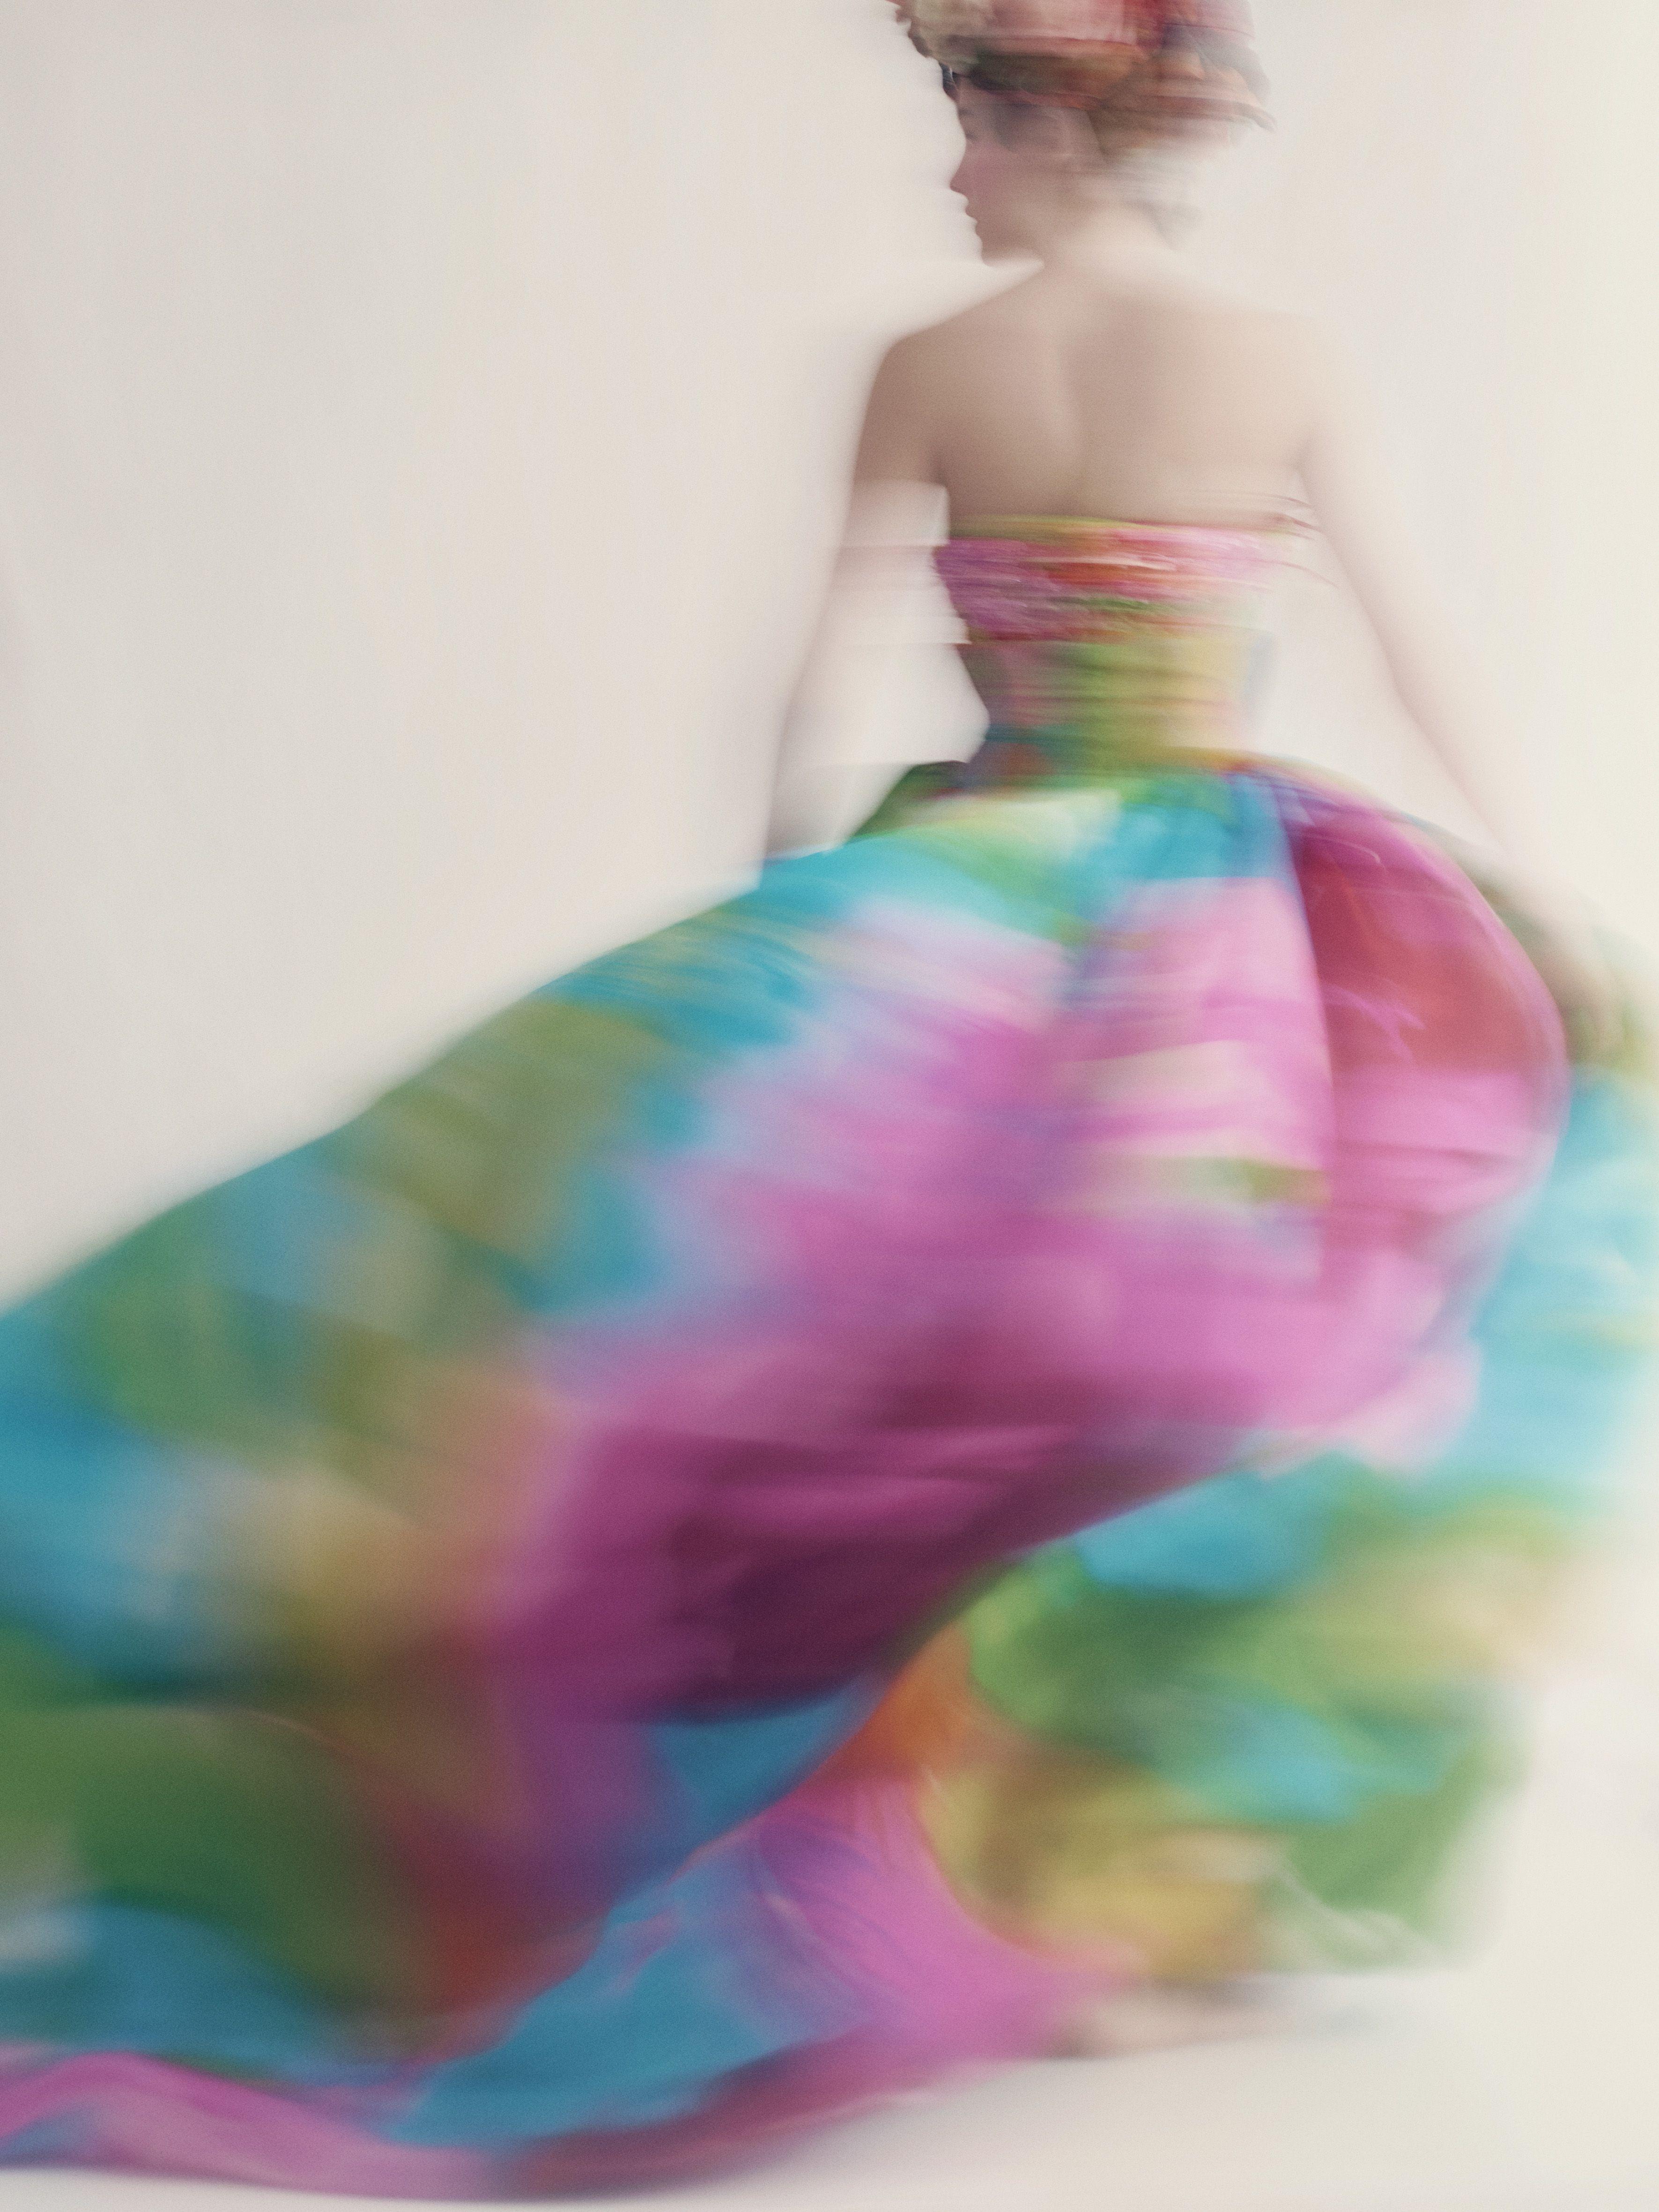 La mostra di moda da vedere a New York è firmata Paolo Roversi